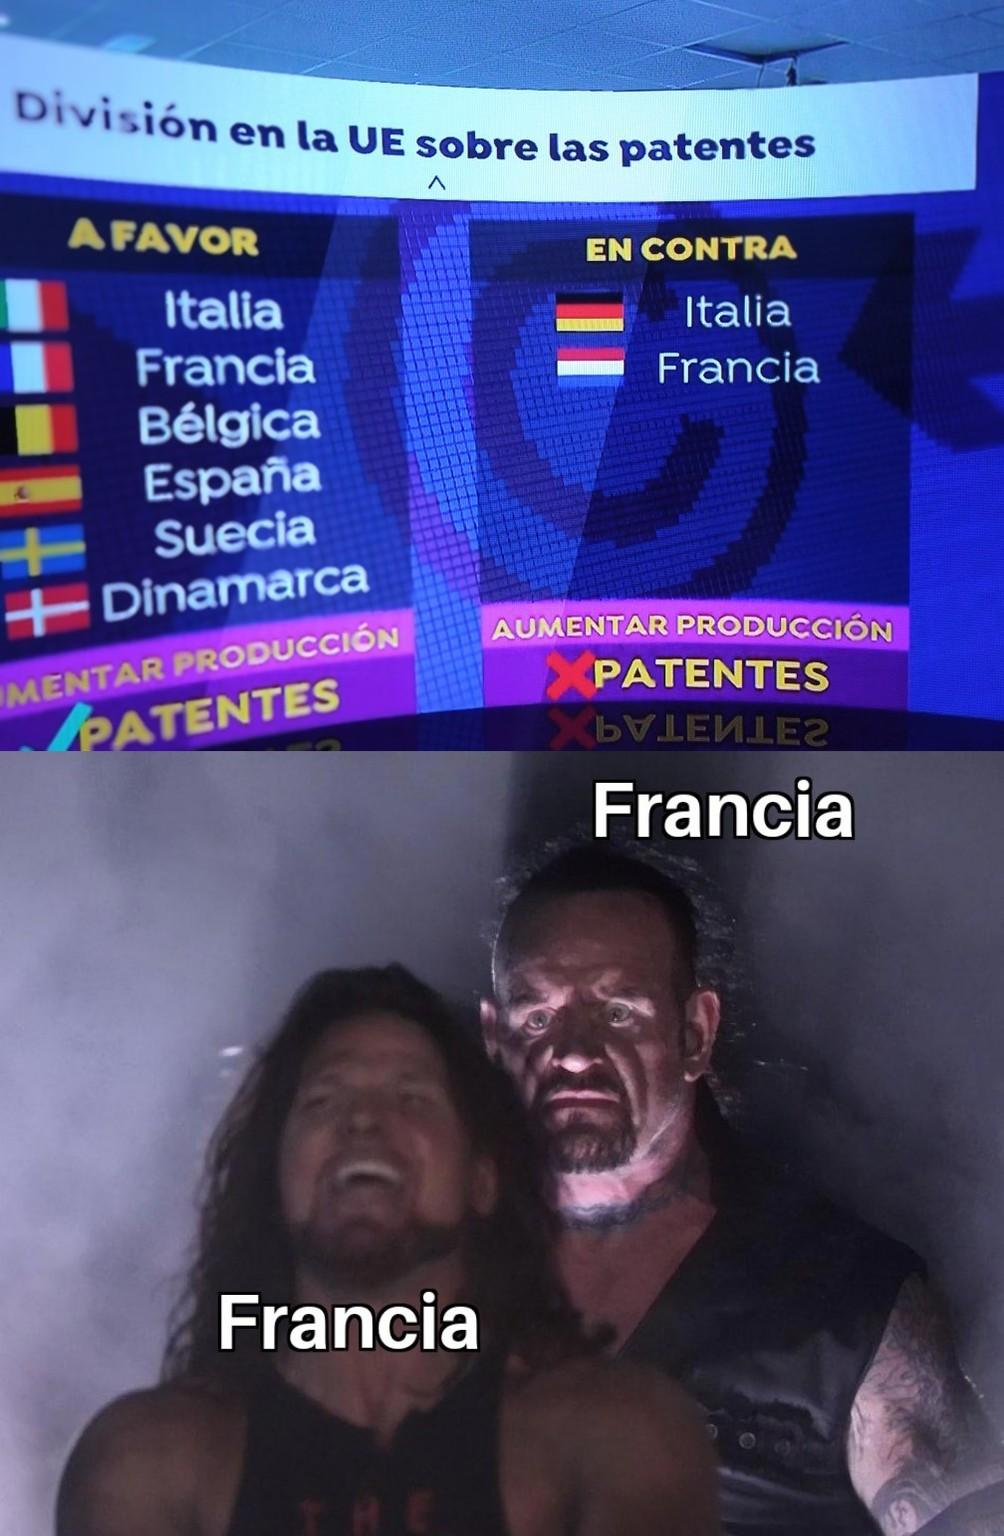 Como llevarán las relaciones con las patentes Francia vertical y Francia horizontal? - meme